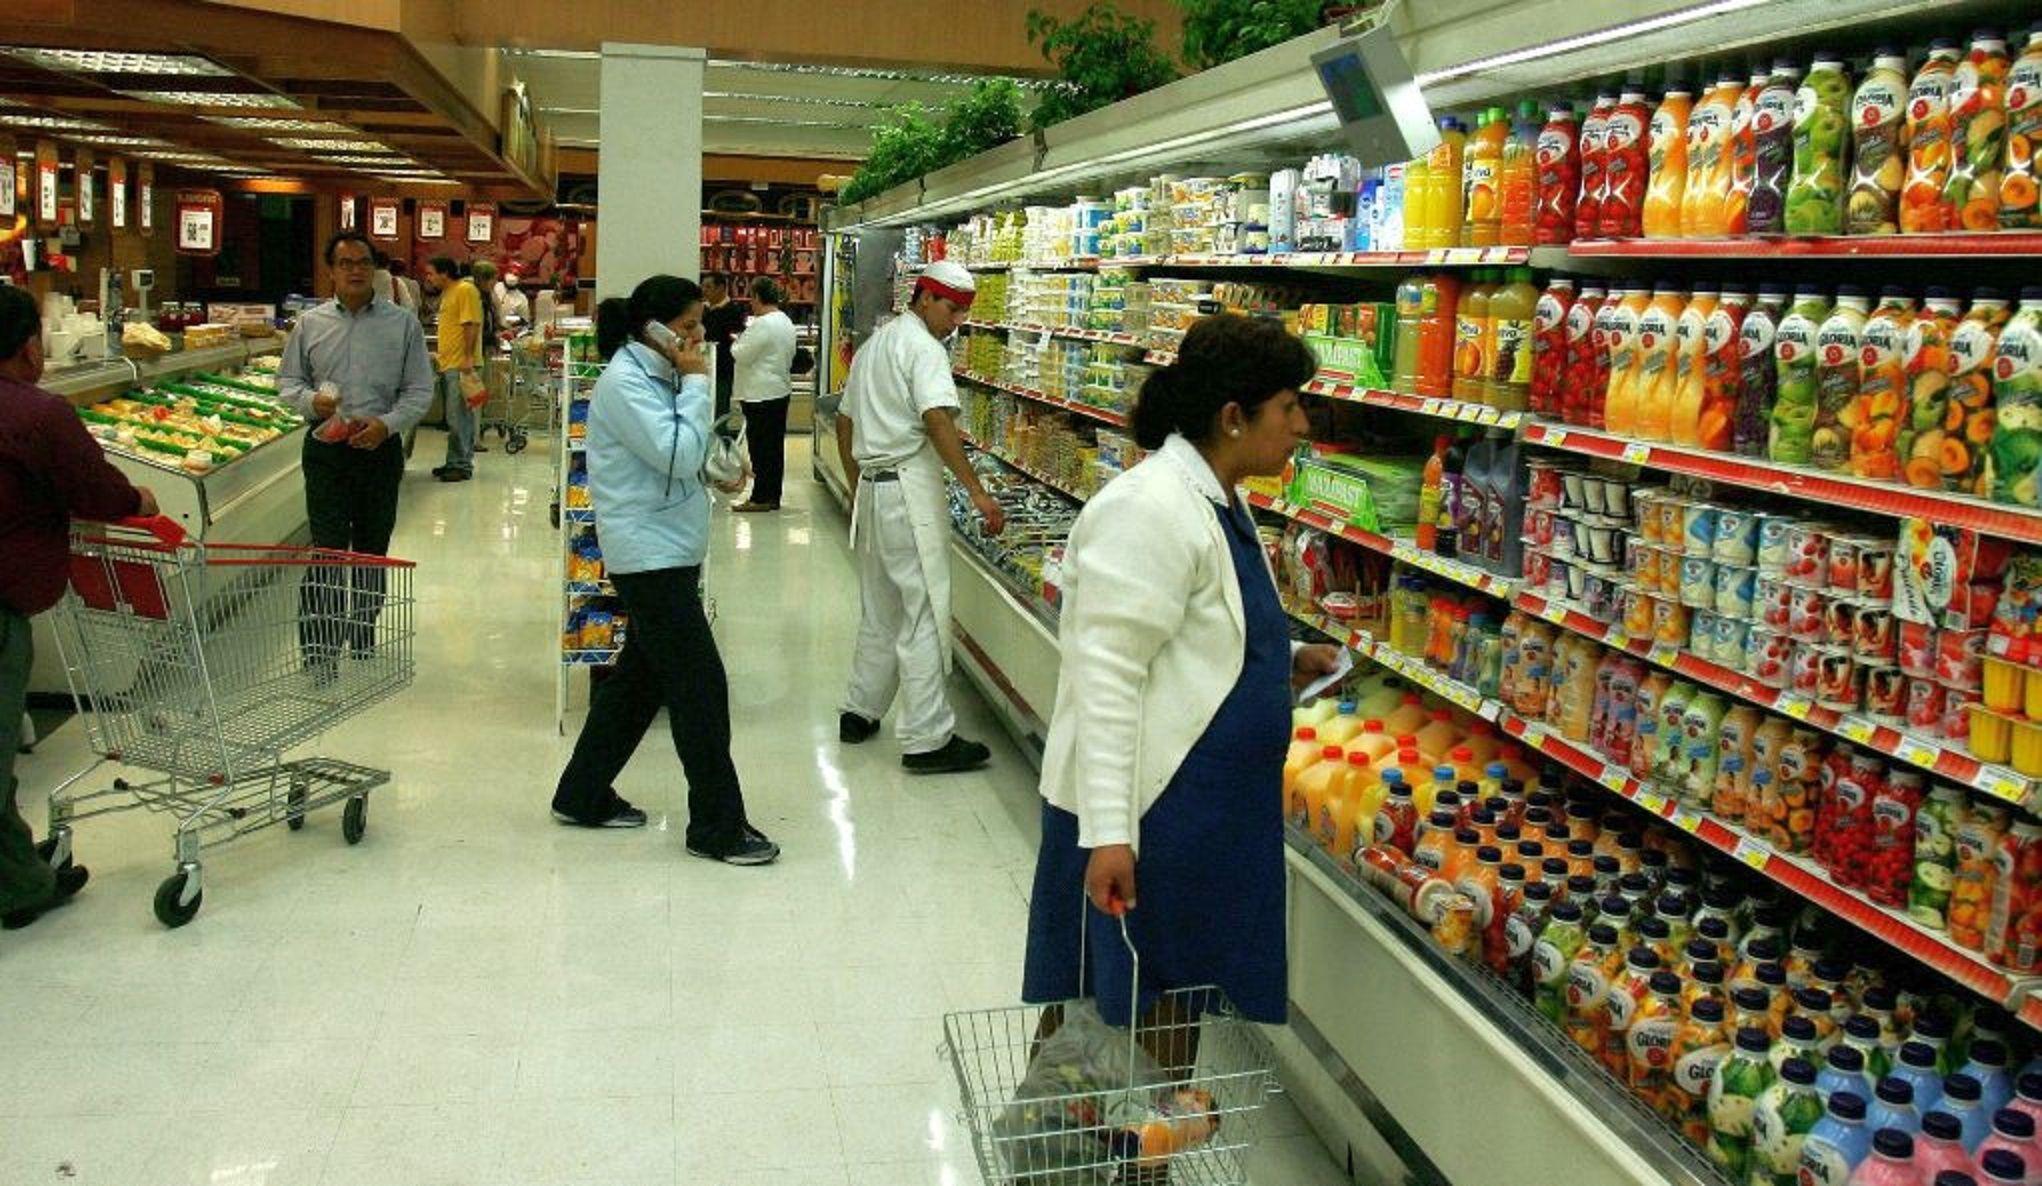 El dueño de un mayorista pronosticó aumentos y contó que el lunes tuvo un 50% más de clientes